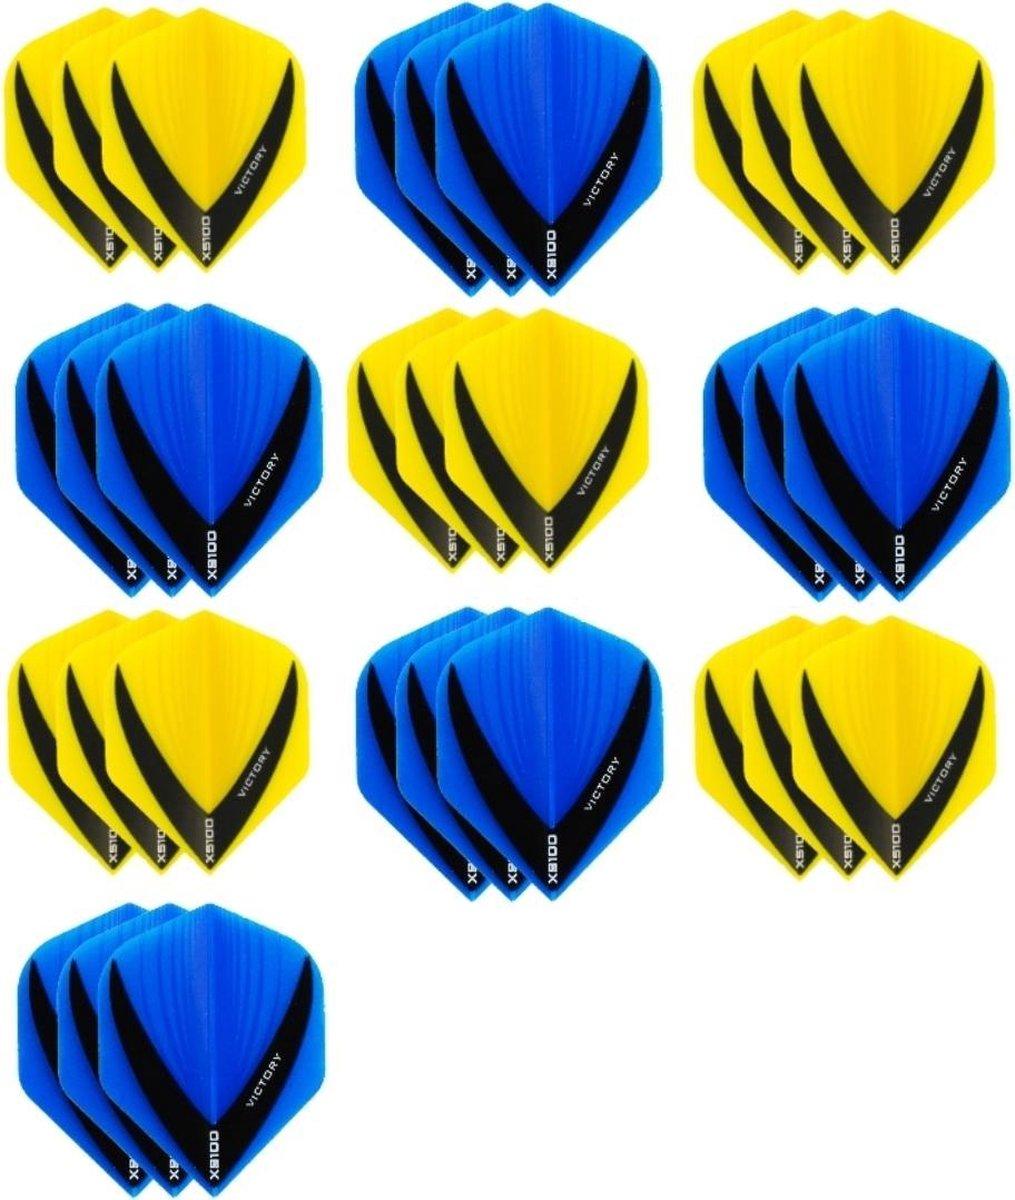 10 sets (30 stuks) - XS100 Vista flights - duo kleur pakket - Geel en Aqua/Blauw - flights - dartflights